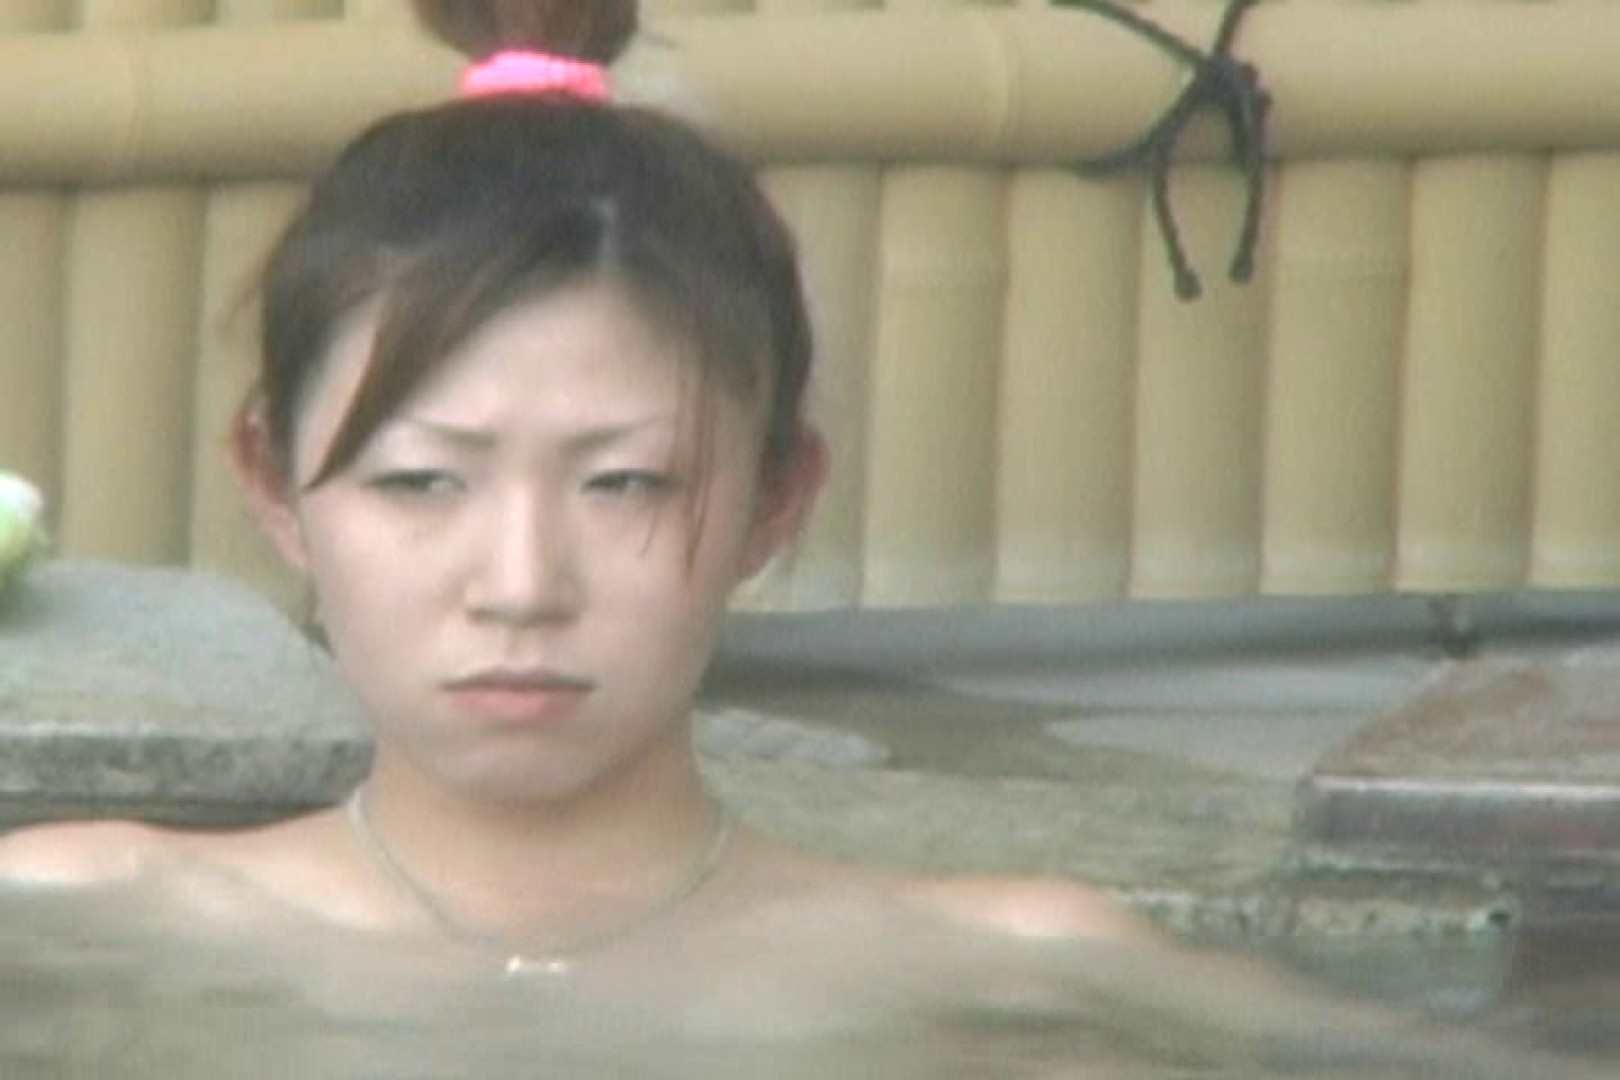 Aquaな露天風呂Vol.593 美しいOLの裸体  83pic 12